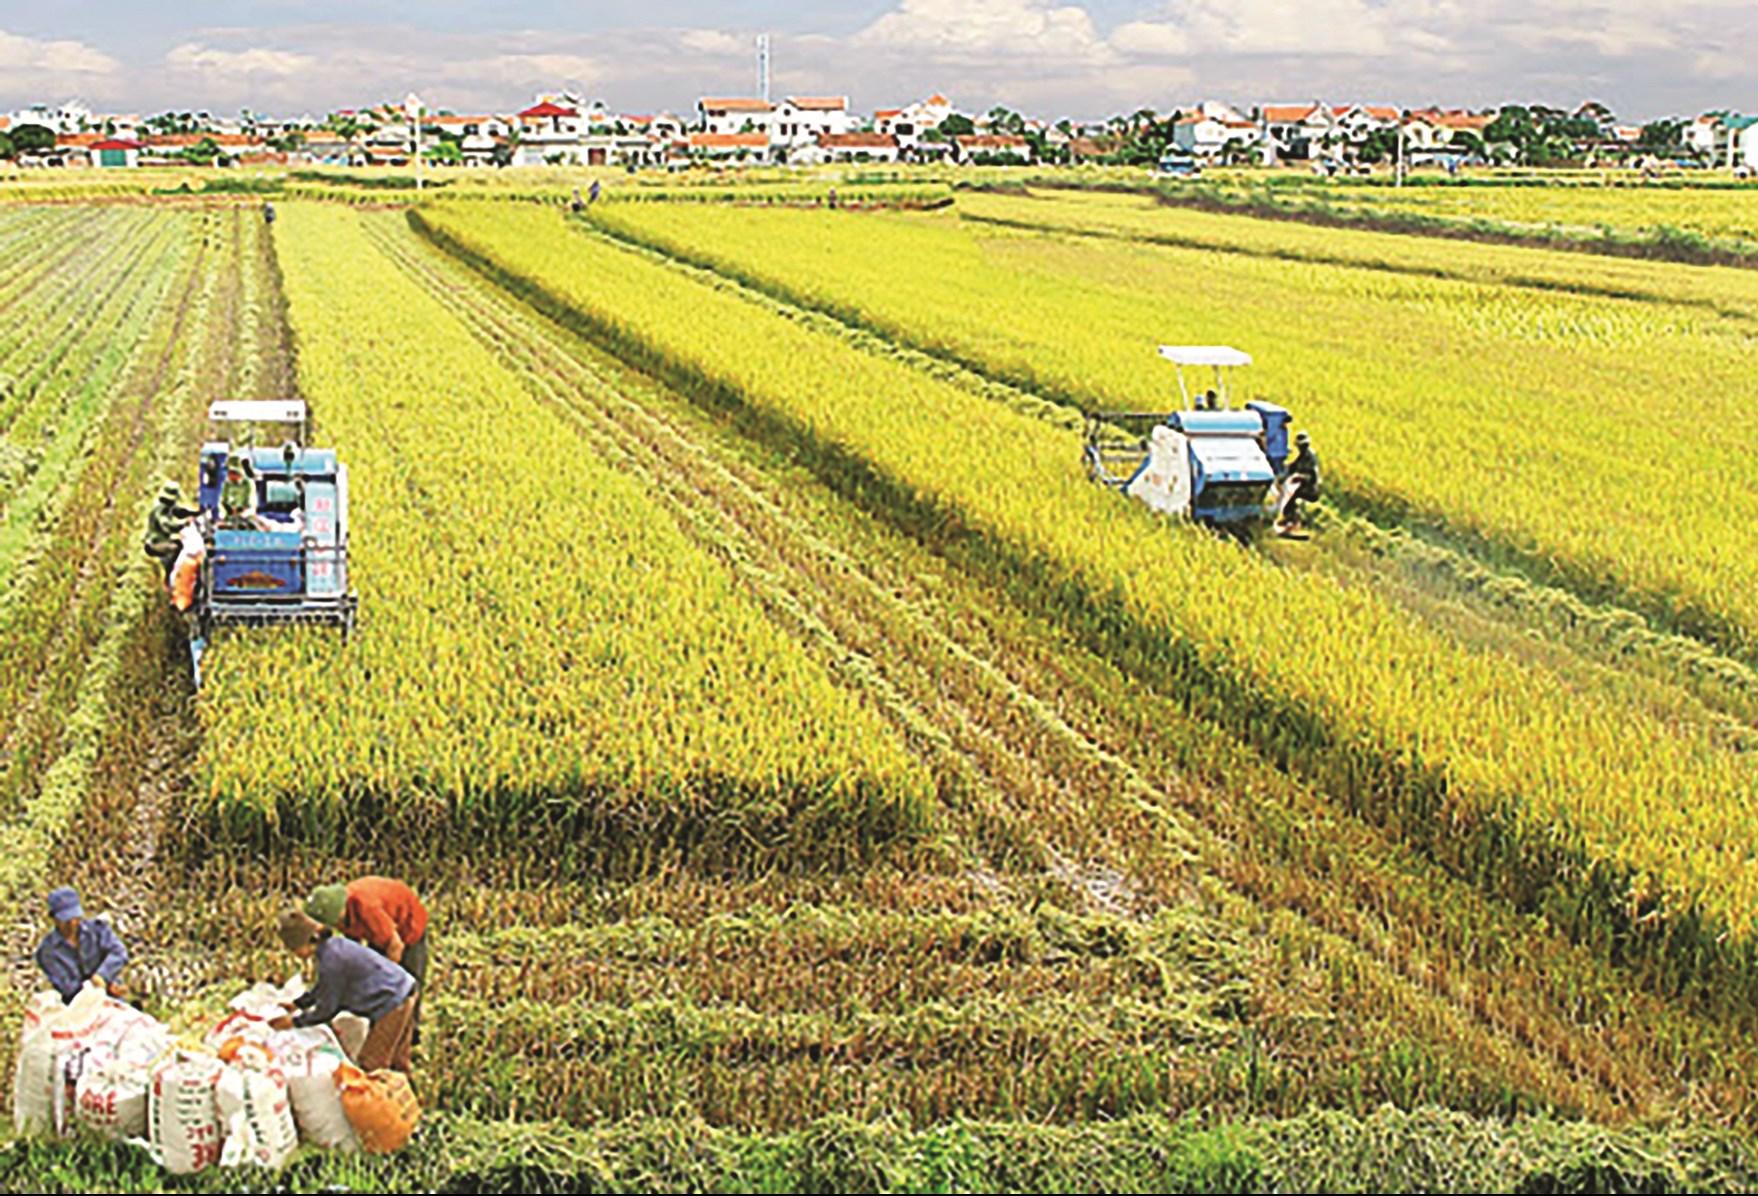 Diện tích lúa Đông - Xuân năm nay giảm do ảnh hưởng bởi hạn, mặn. (Ảnh: MH)